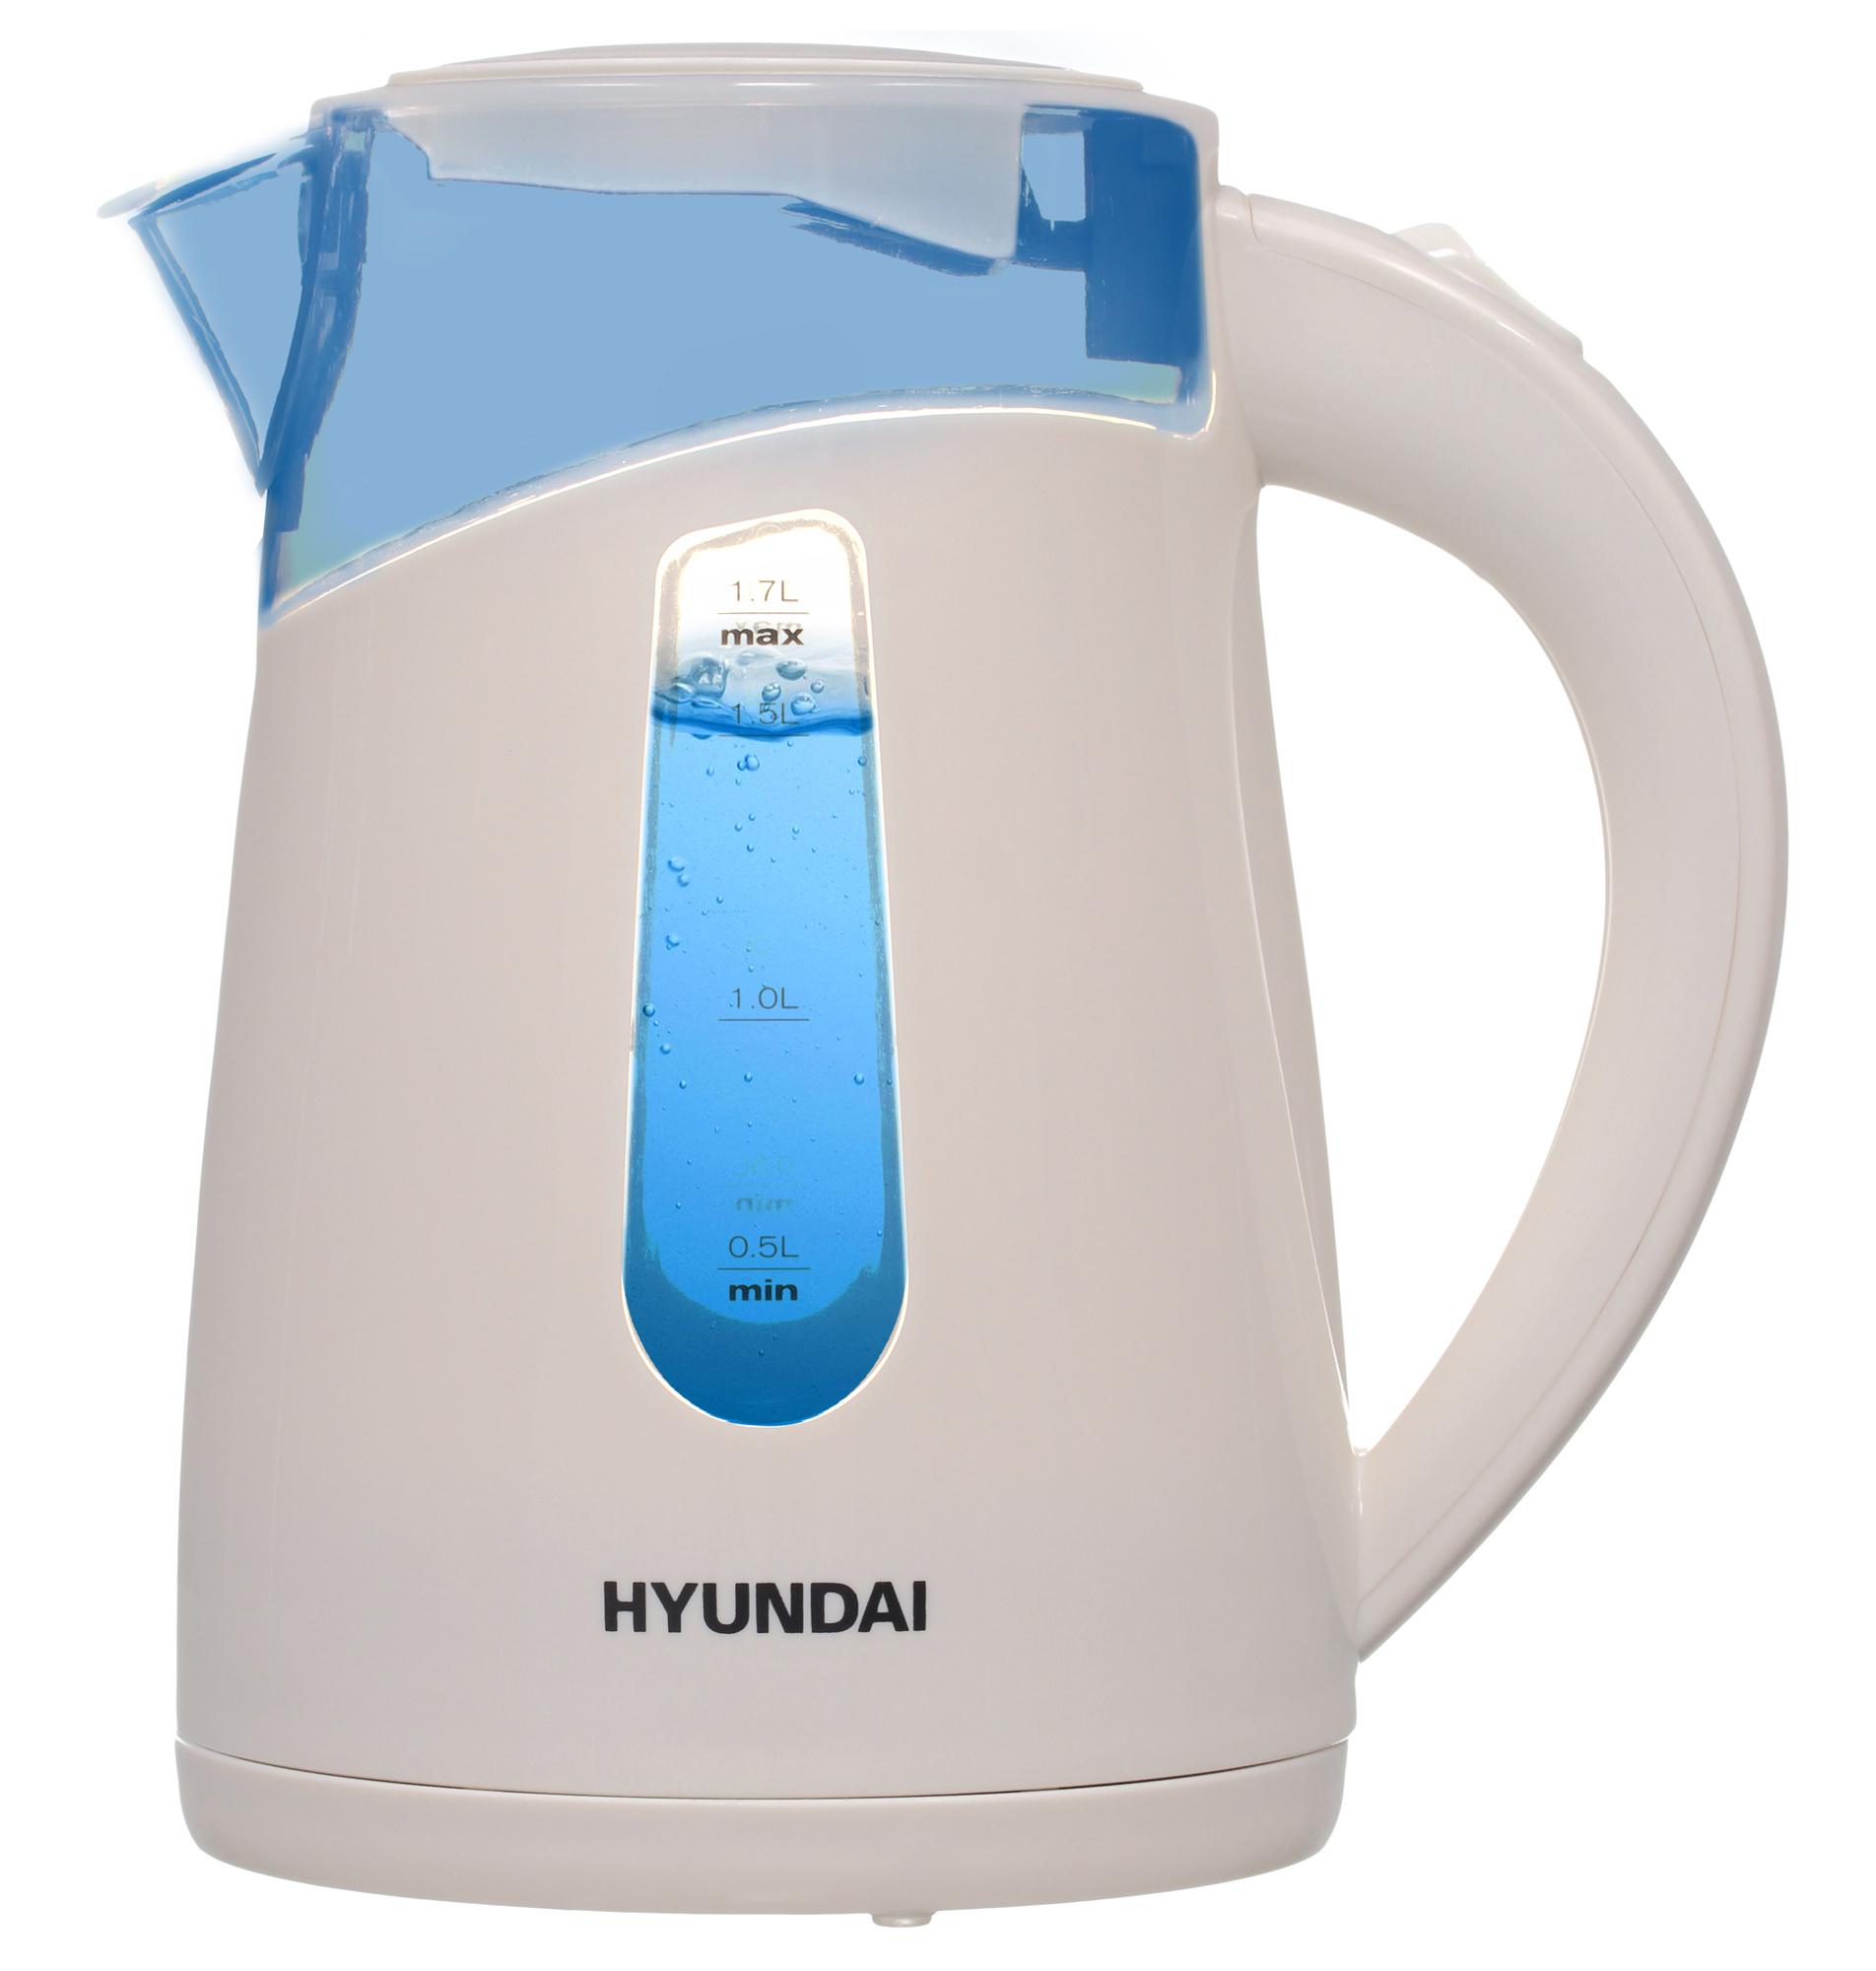 Чайник электрический Hyundai HYK-P2030 1.7л. 2200Вт кремовый (корпус: пластик)